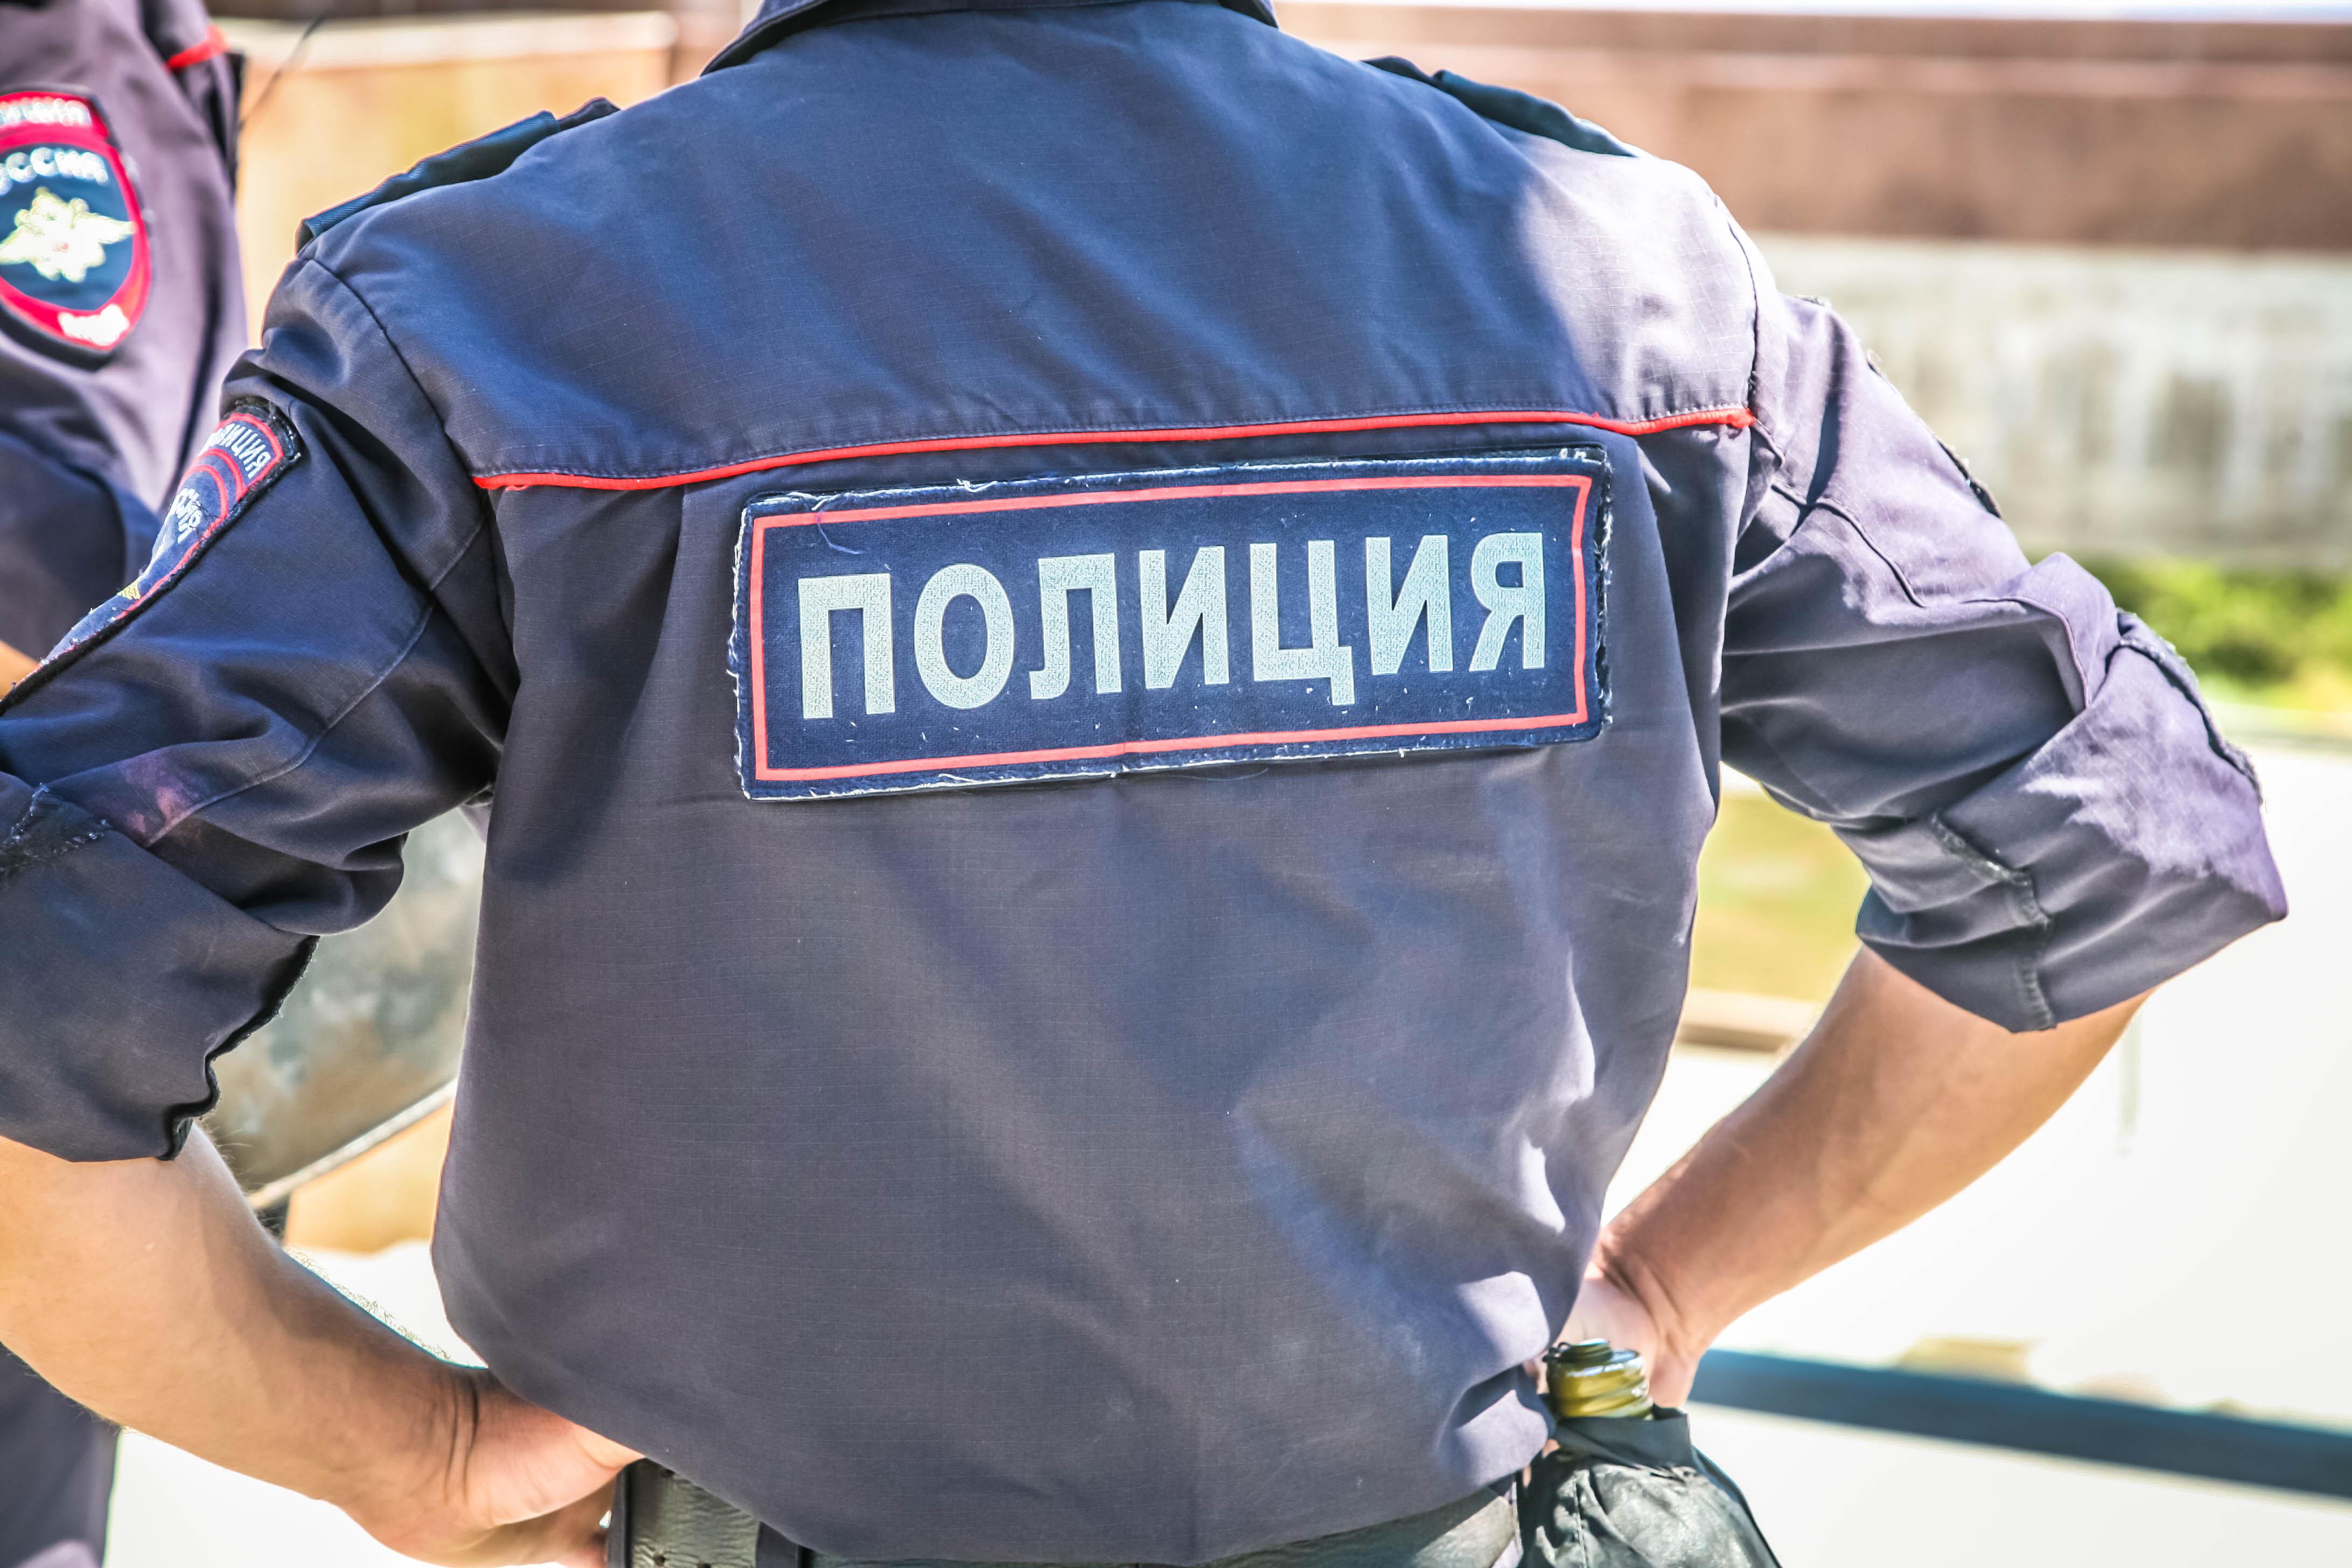 В российской столице схвачен ученик, перерезавший горло 15-летней школьнице